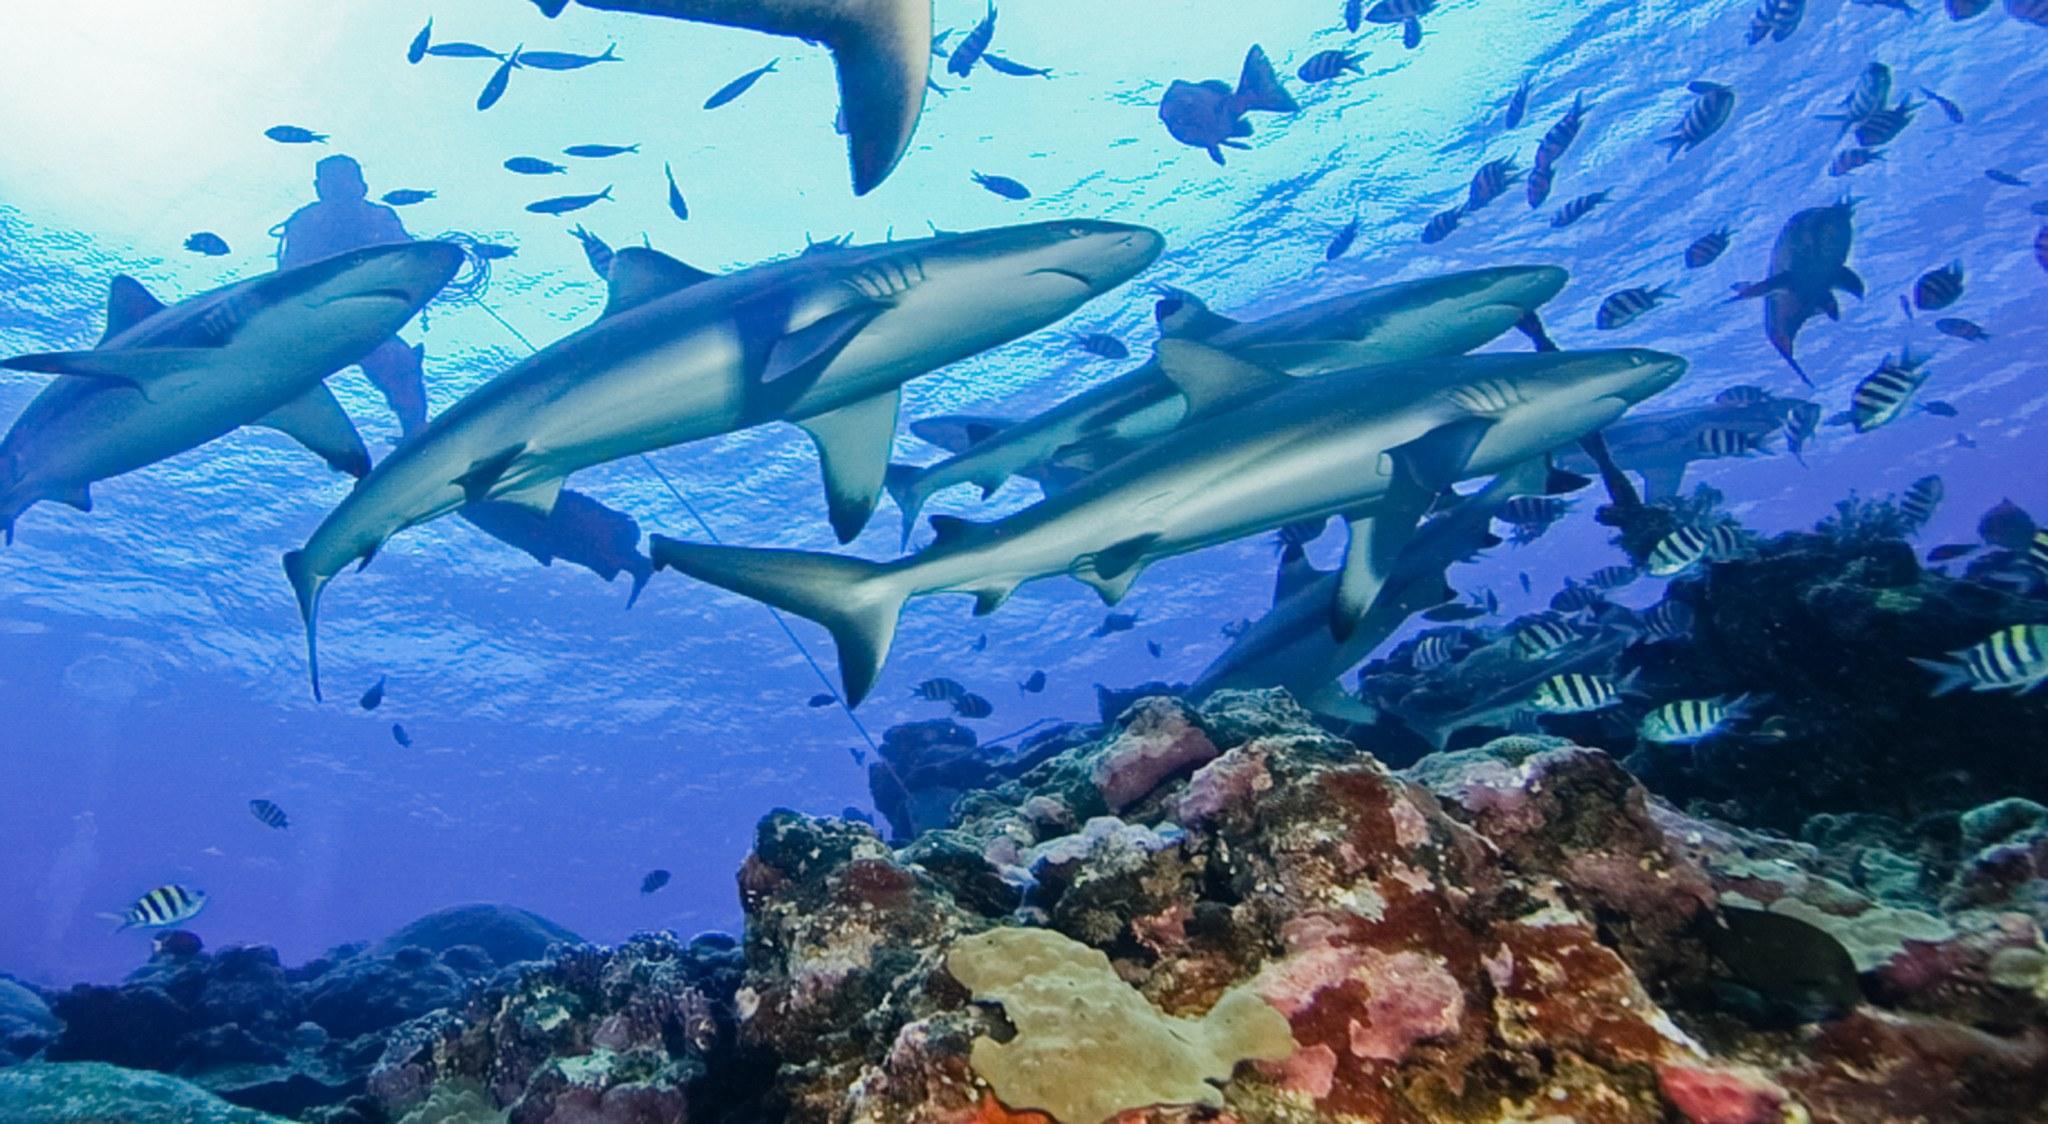 Auf Palau & Yap Tauchen bedeutet Großfisch, sow wie hier eine Haischule